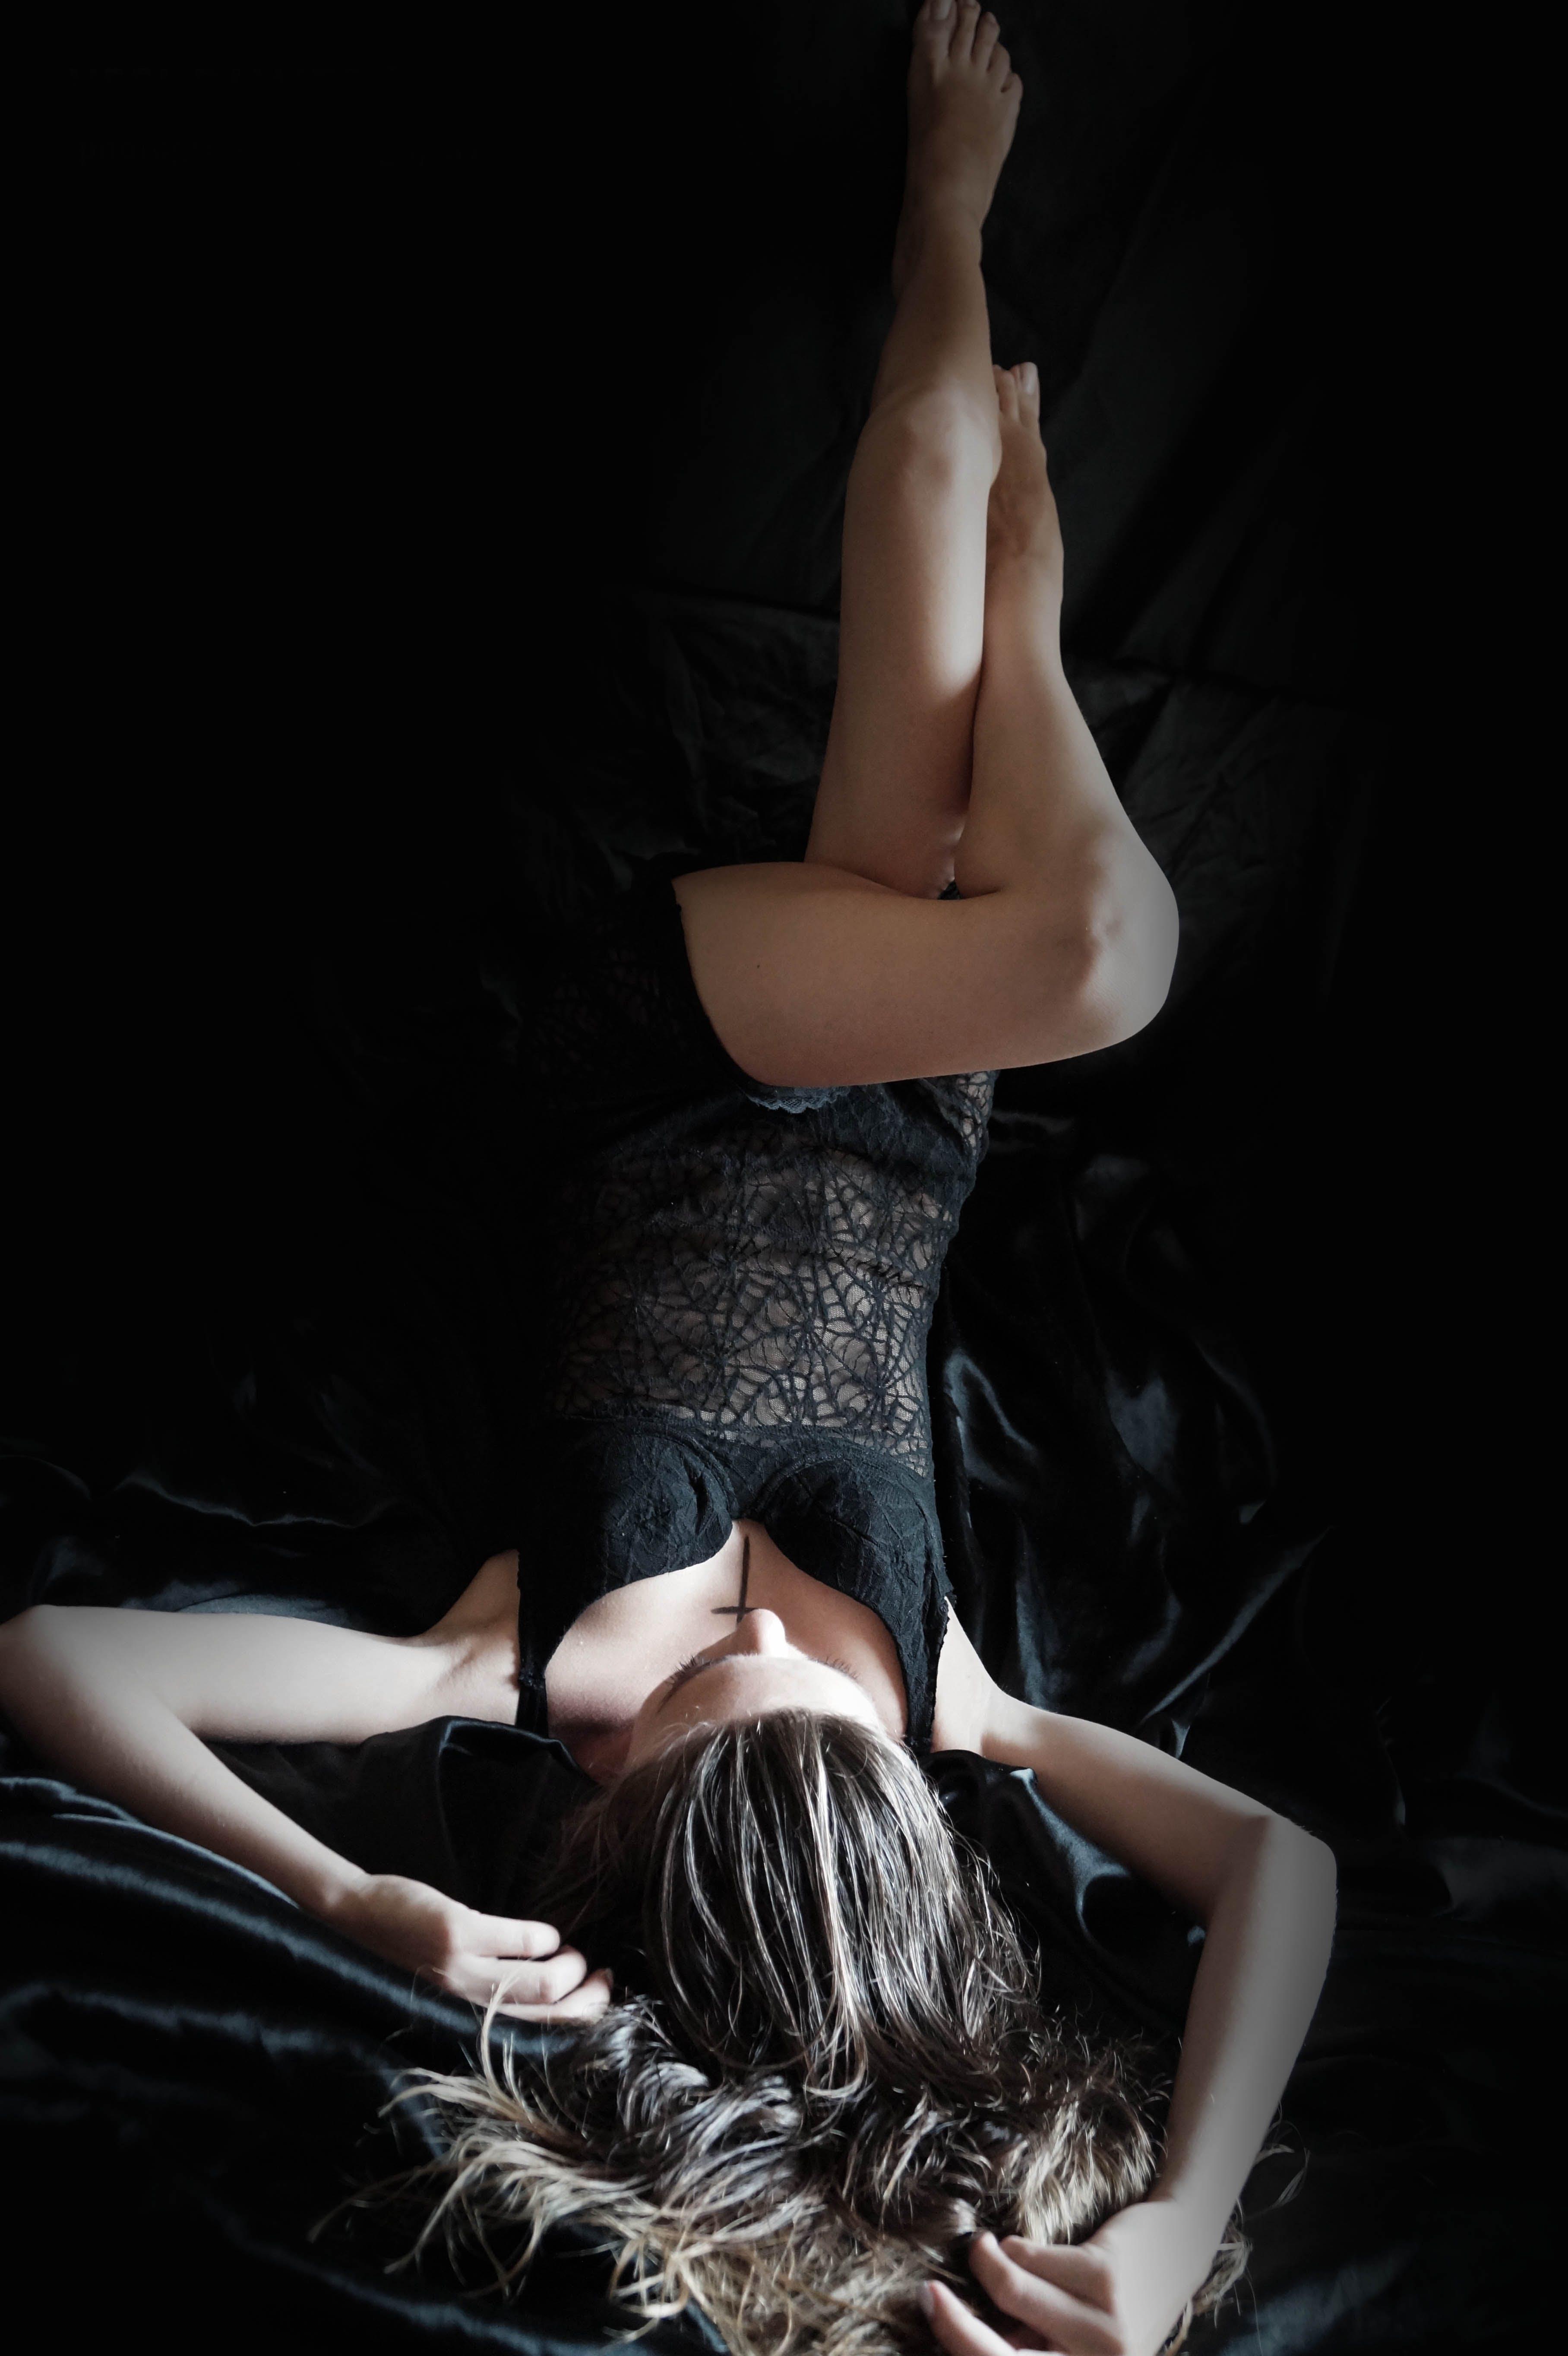 Gratis stockfoto met blootheid, dessous, erotisch, lichaam